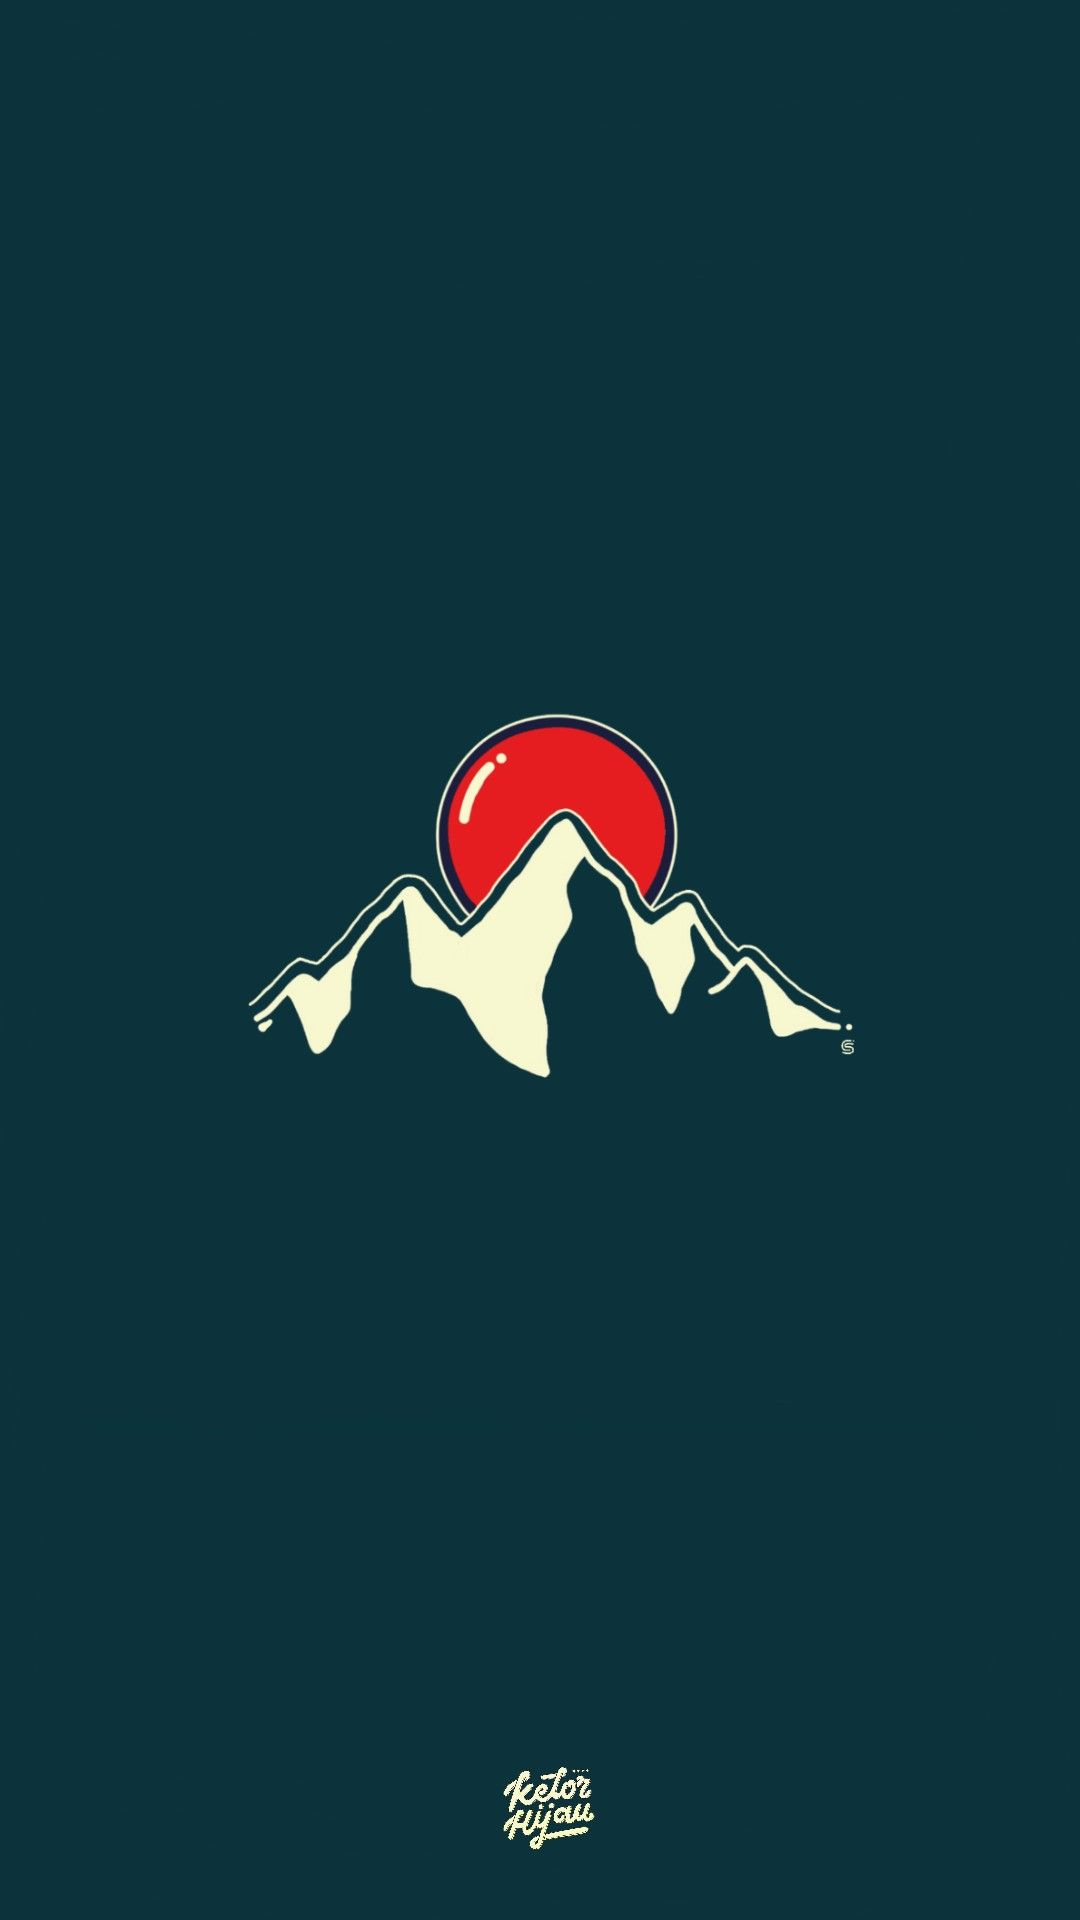 Lollipop Behind The Mountain 🍭 Kelorhijaustudio